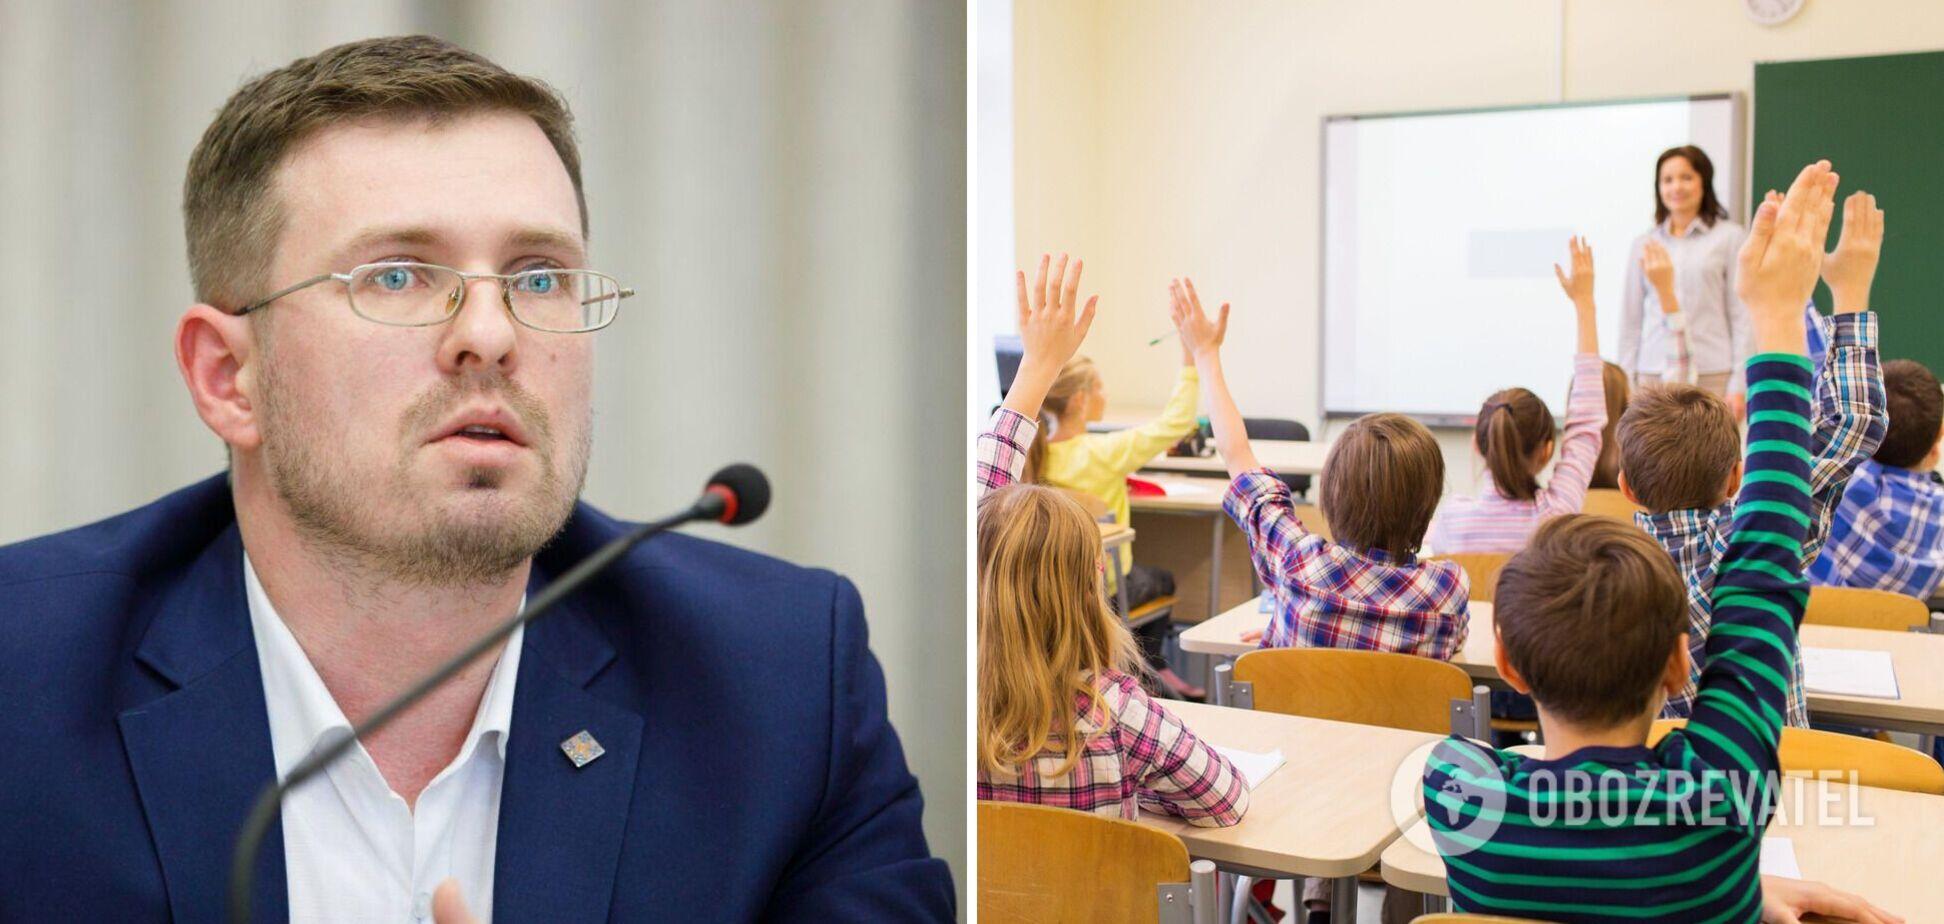 Кузін про вакцинацію від COVID-19 педагогів: це група ризику, багато країн фіксують спалахи в закладах освіти